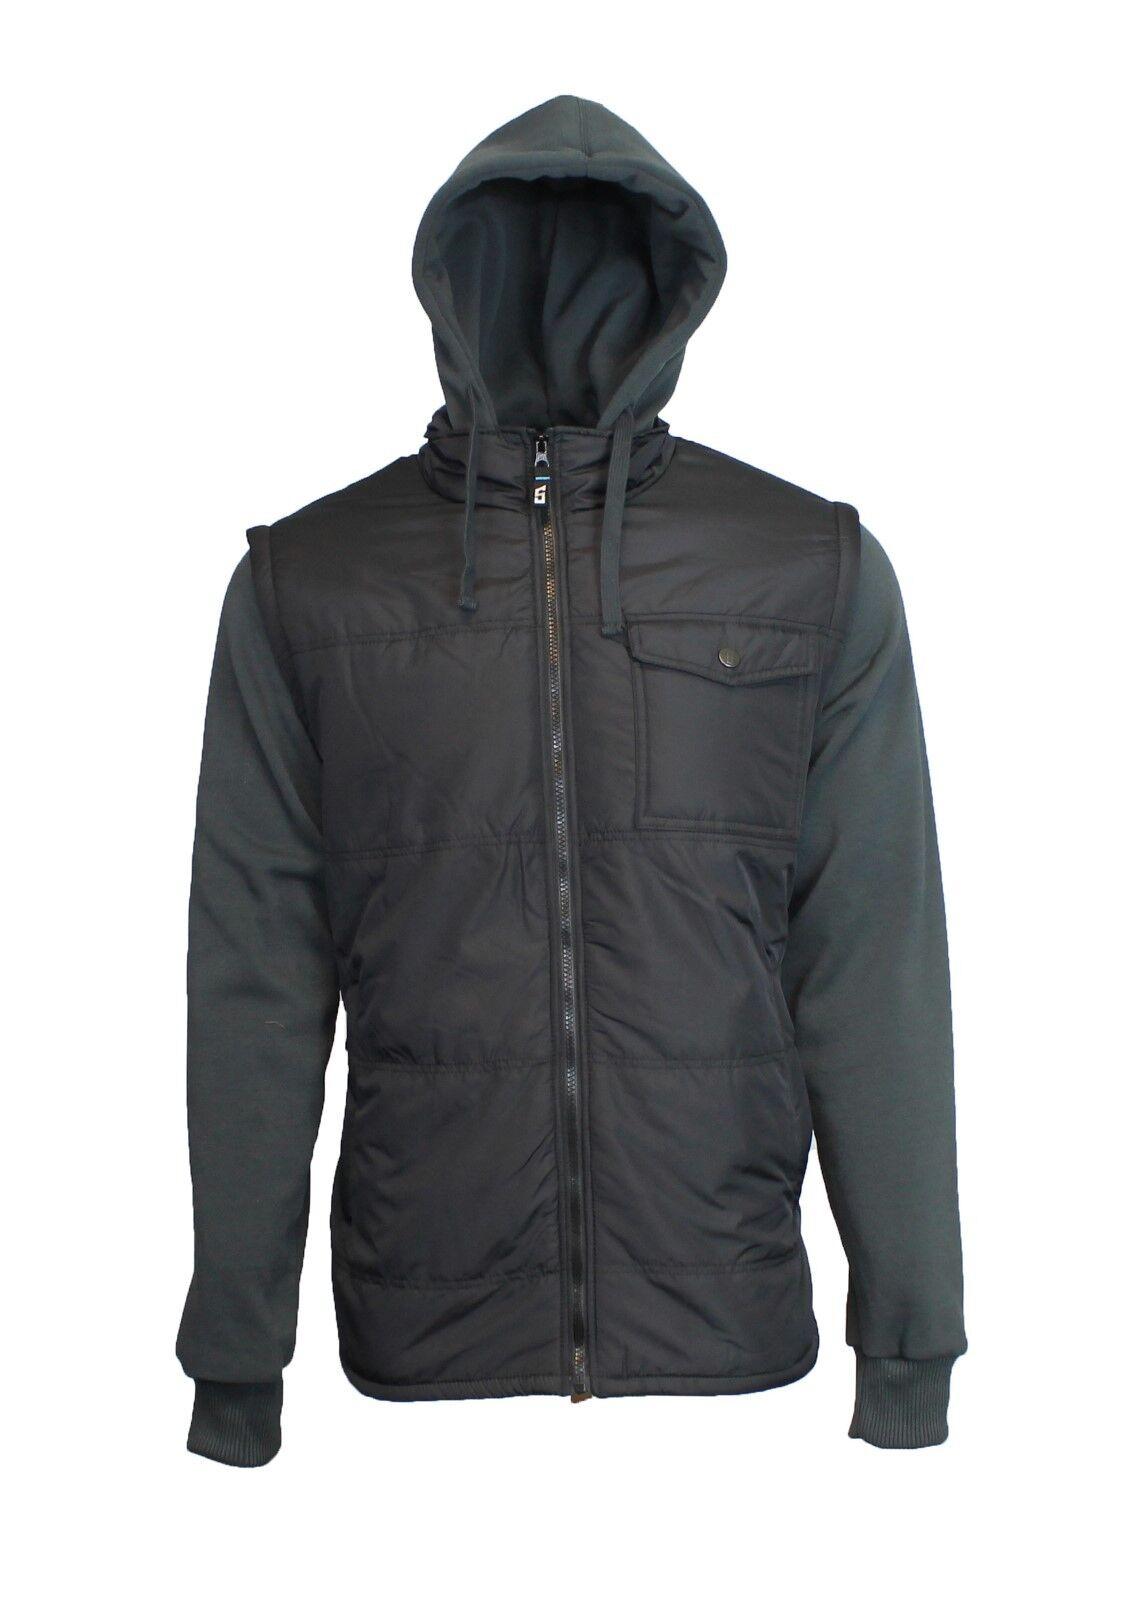 Mens Fleece Lined Hooded Vest Jacket Midweight Coat Zip Clos